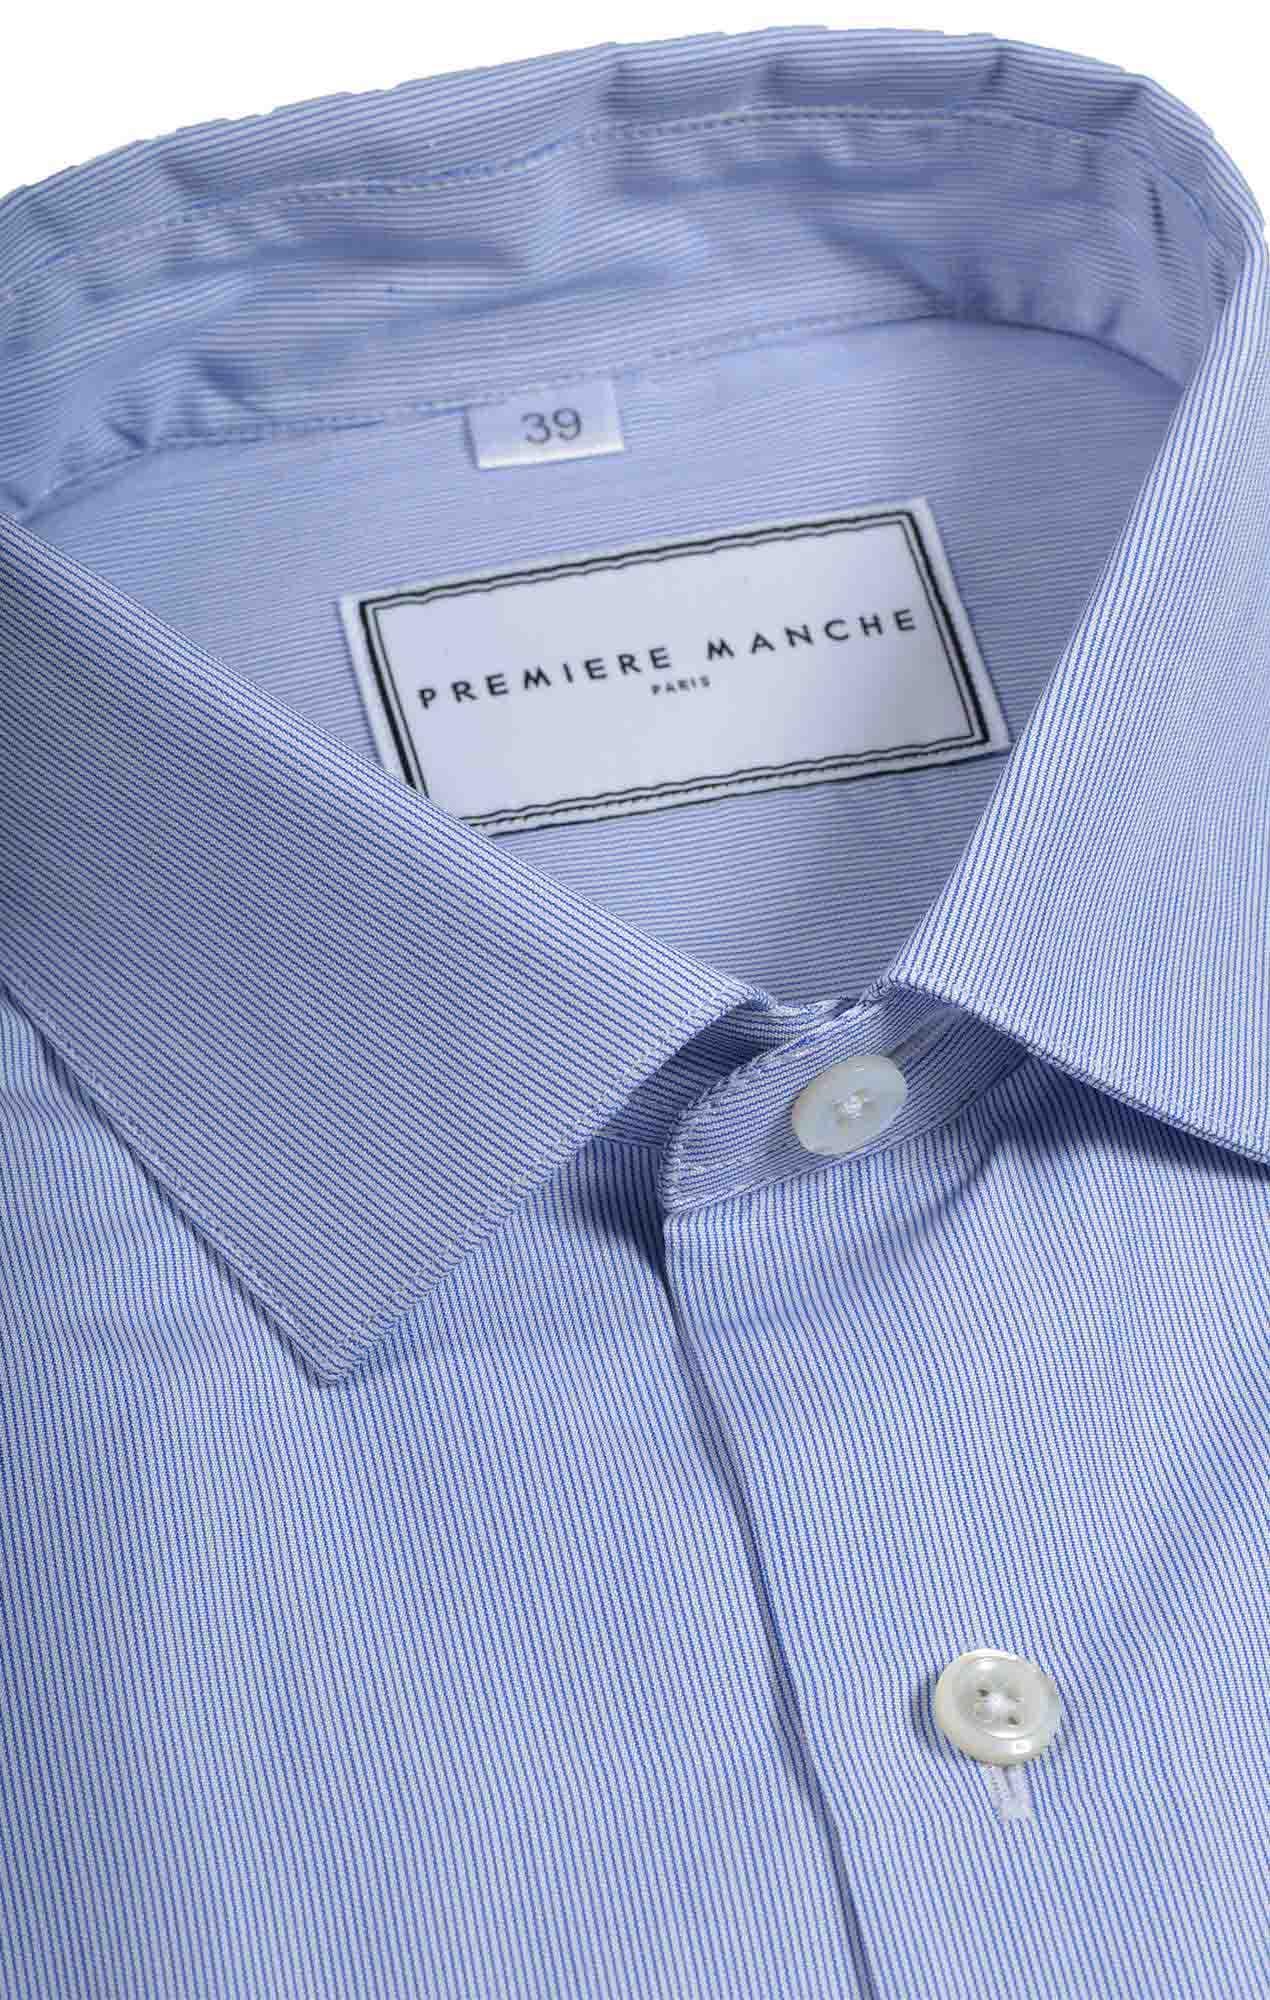 Chemise mini raies Les chemises